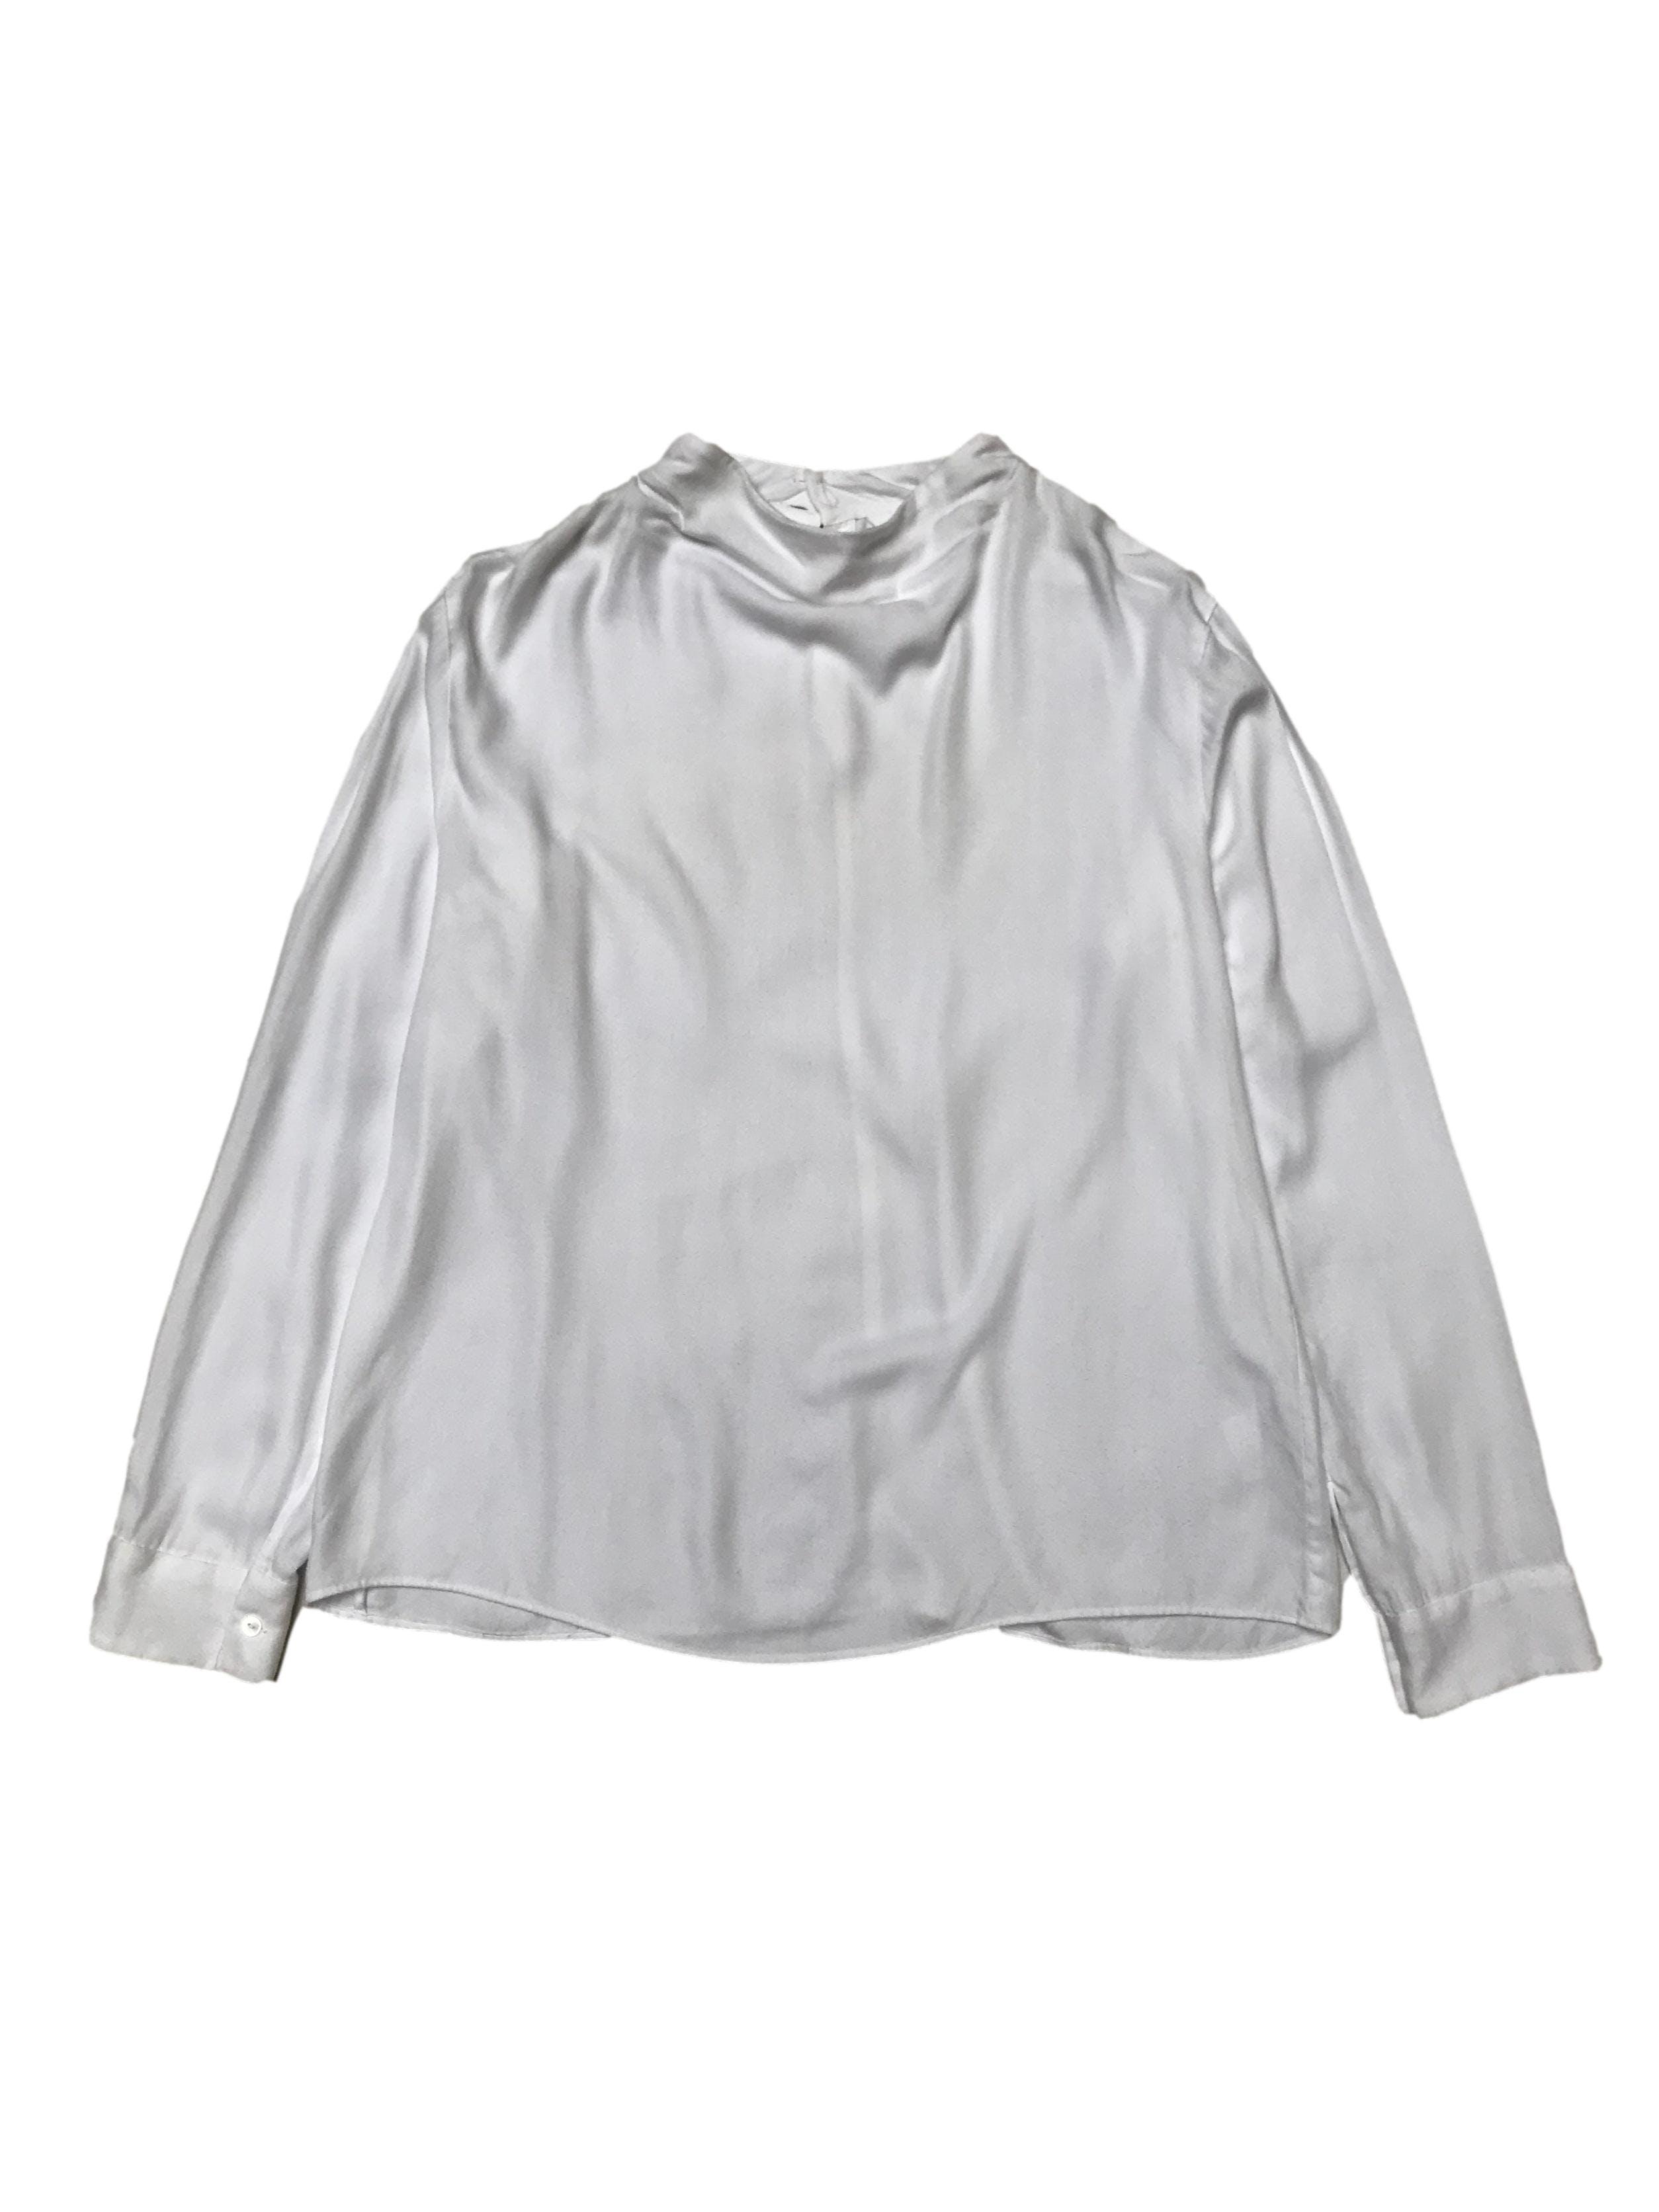 Blusa Uniqlo 100% rayón blanco con botones posteriores en el cuello.